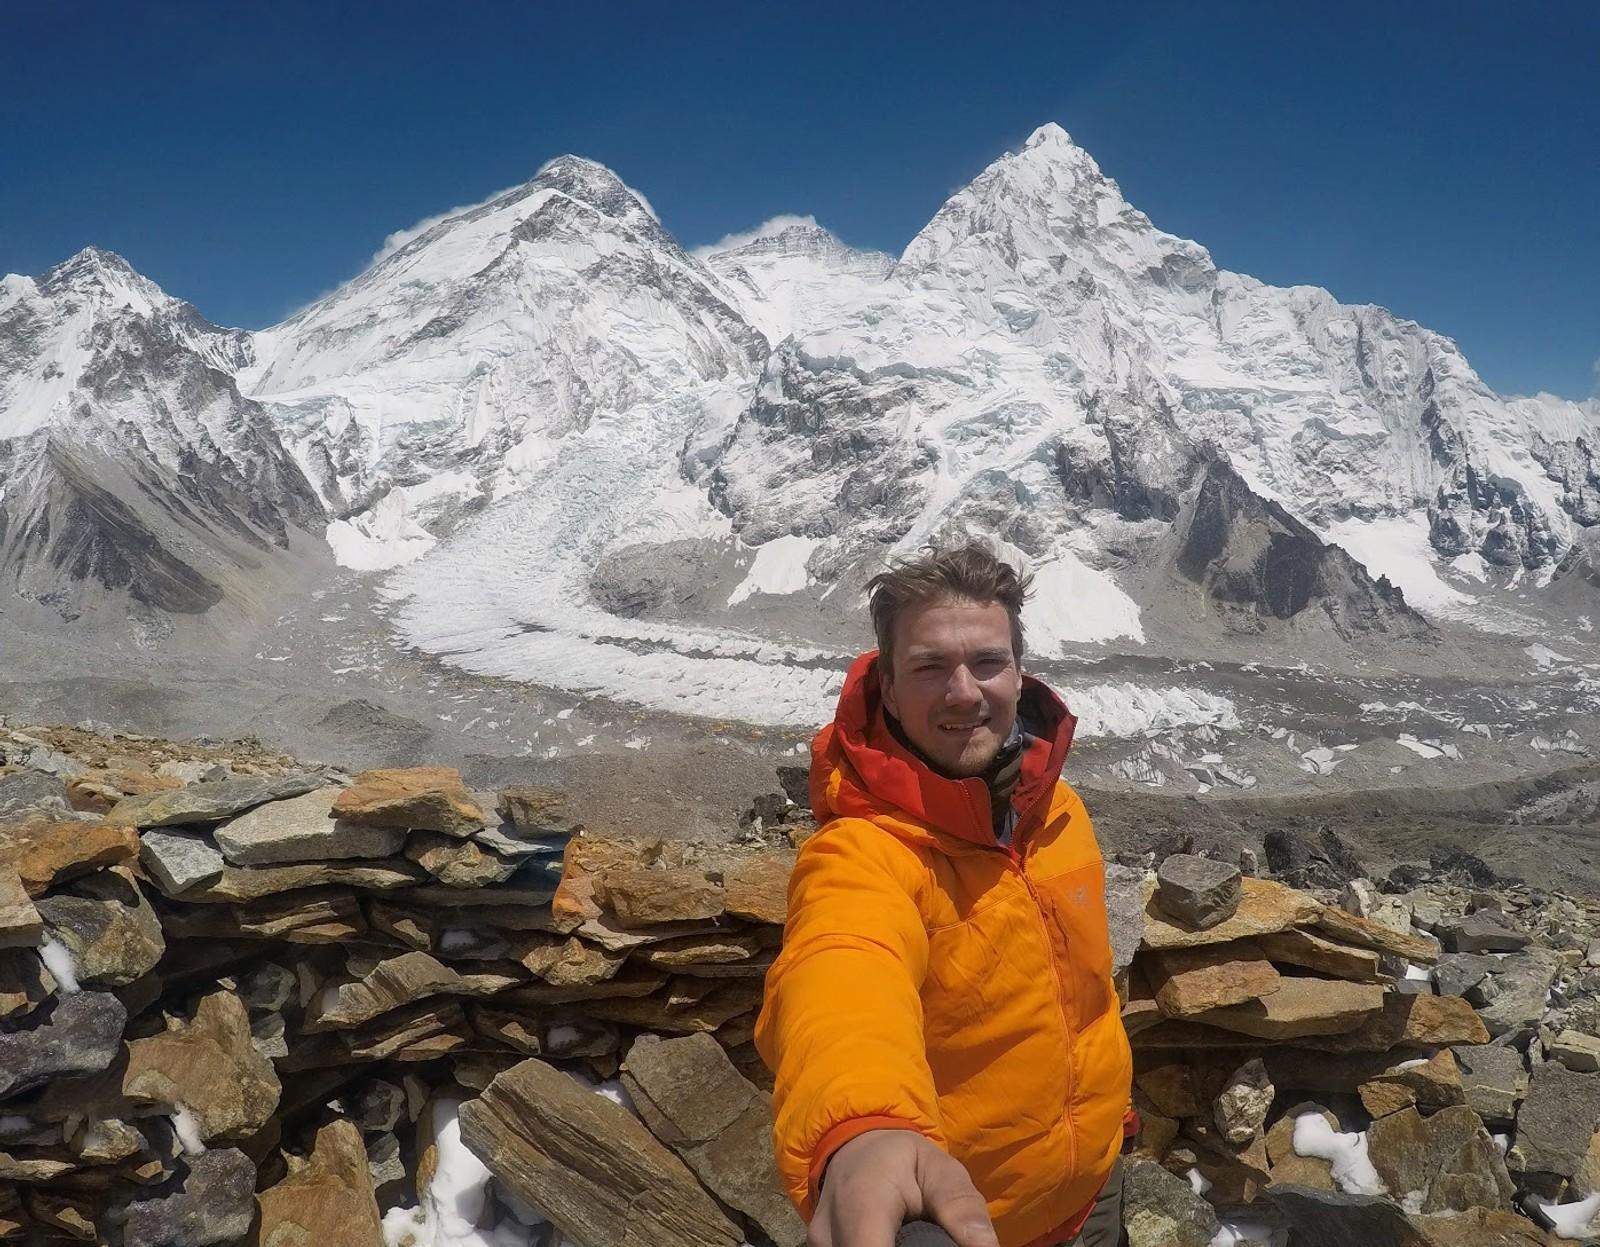 Everest Base Camp i bakgrunnen nede ved breen. Everest-massivet i bakgrunnen.